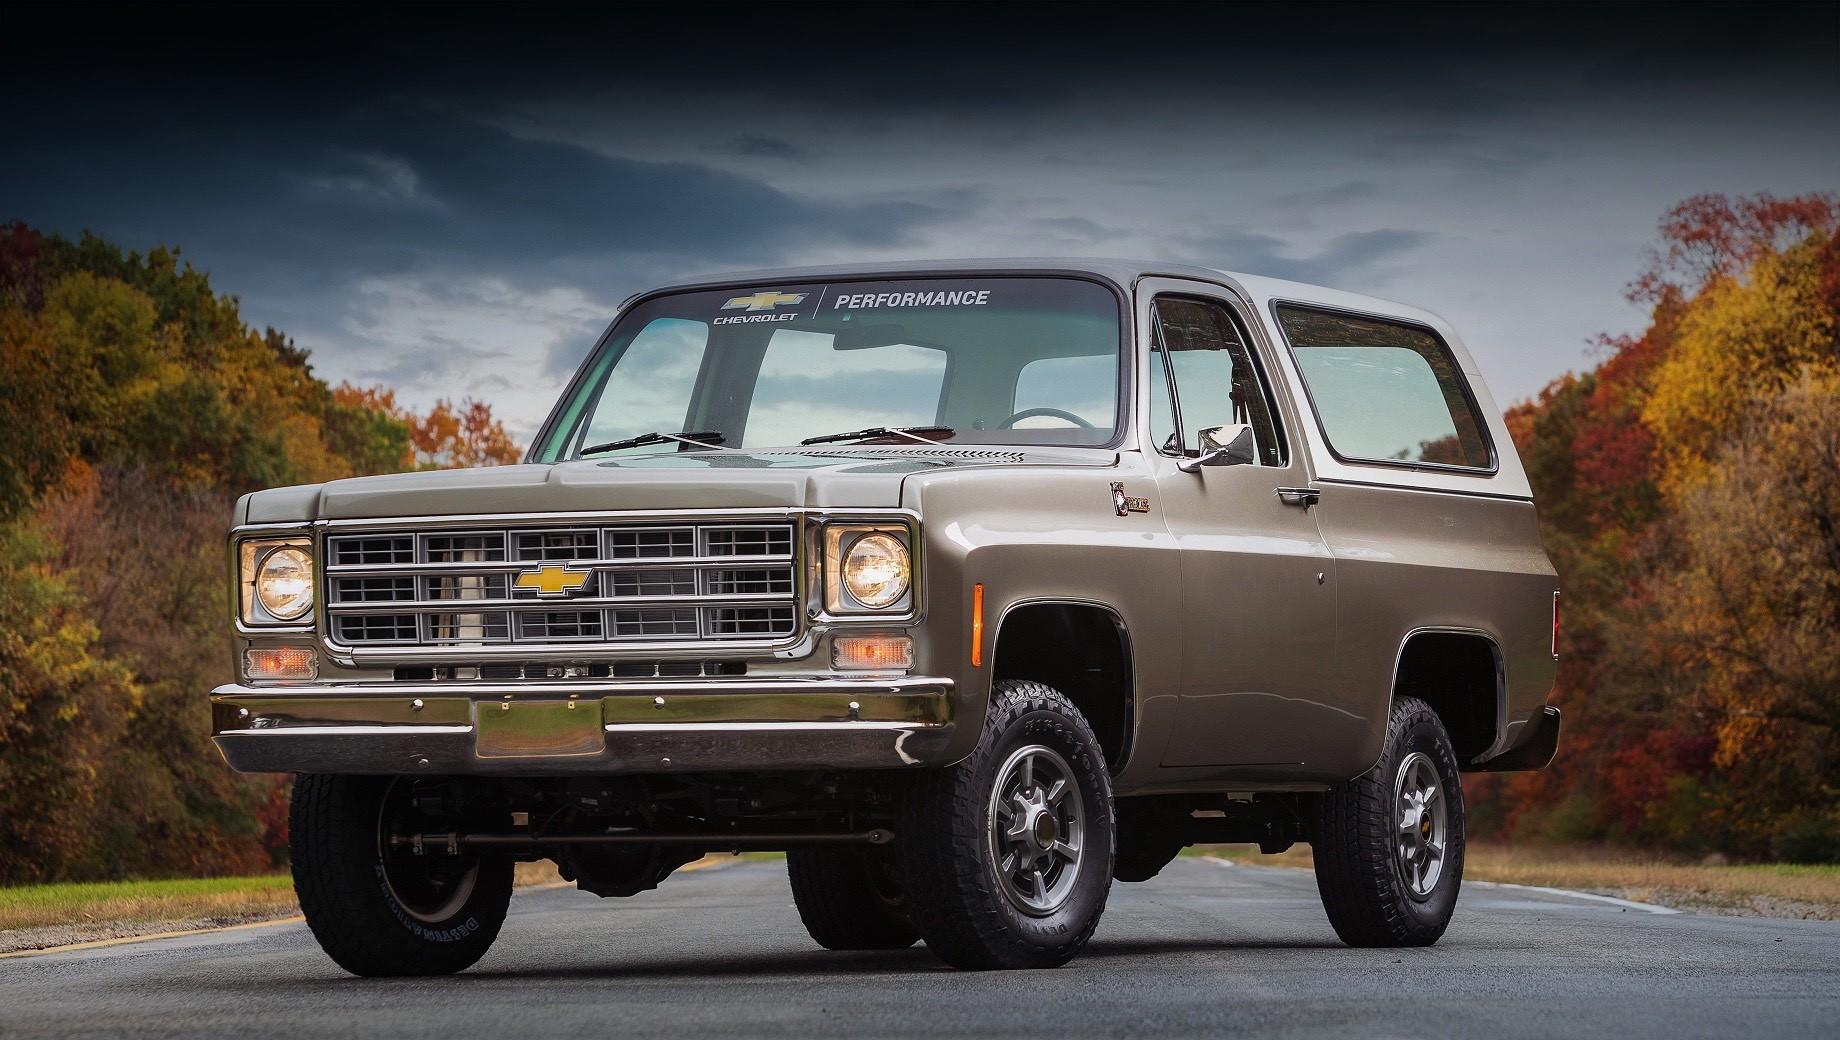 Отделение Chevrolet Performance выполнило «операцию» по пересадке полностью электрической силовой установки старому K5 Blazer 1977 г.в. Внедорожник покажут на выставке SEMA360.